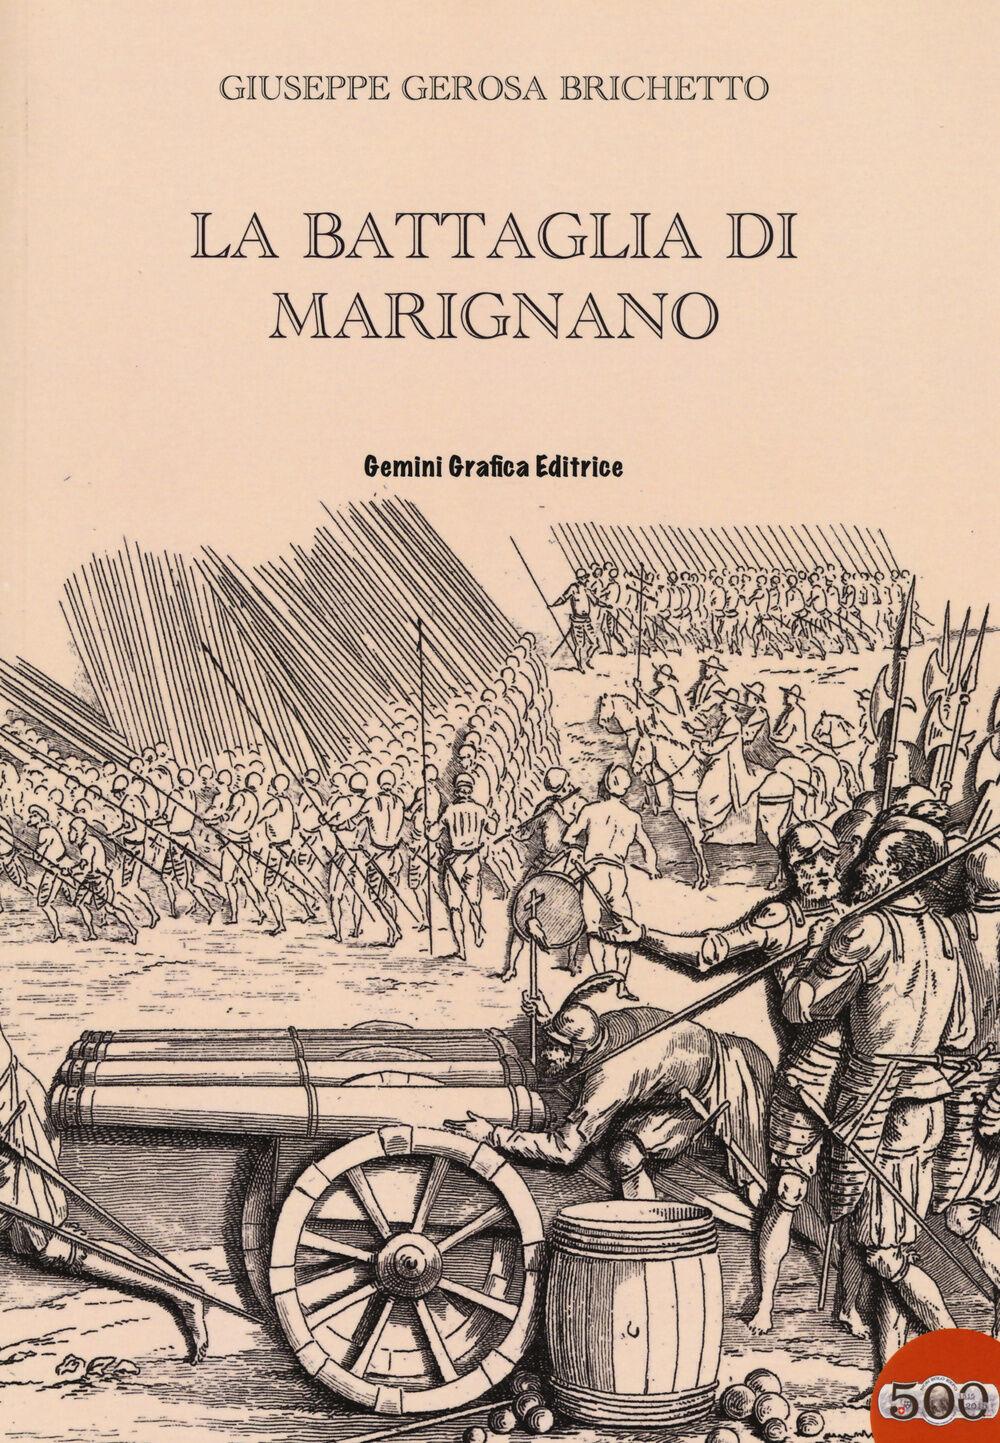 La battaglia di Marignano